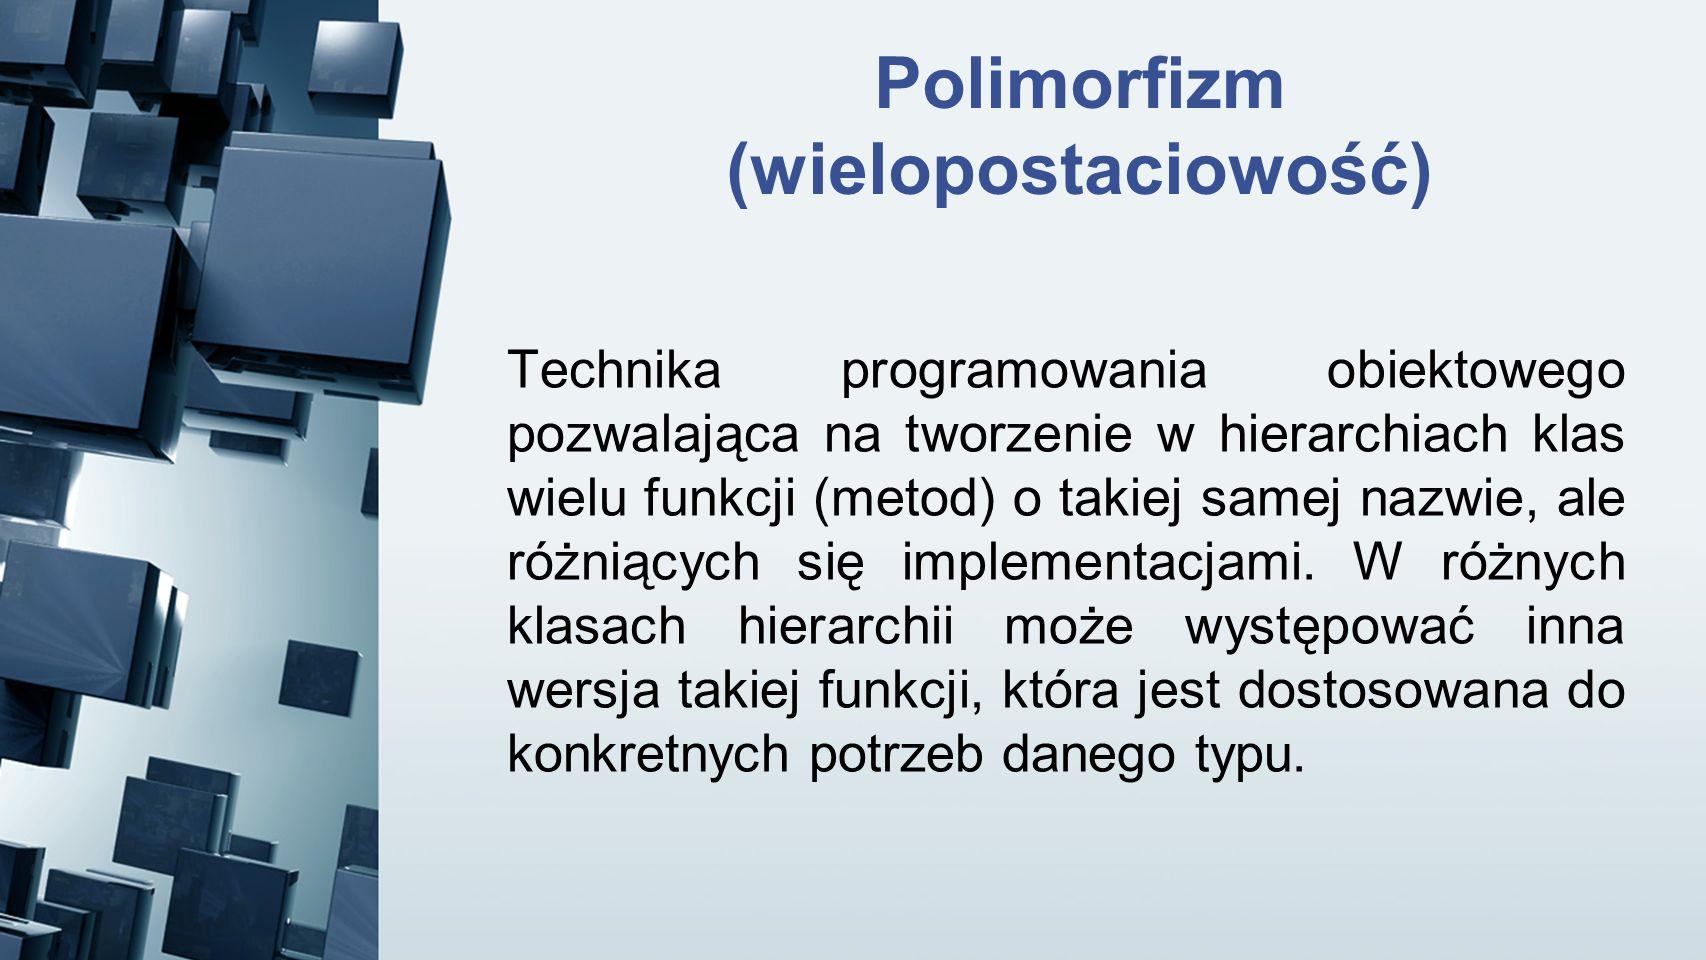 Polimorfizm (wielopostaciowość)